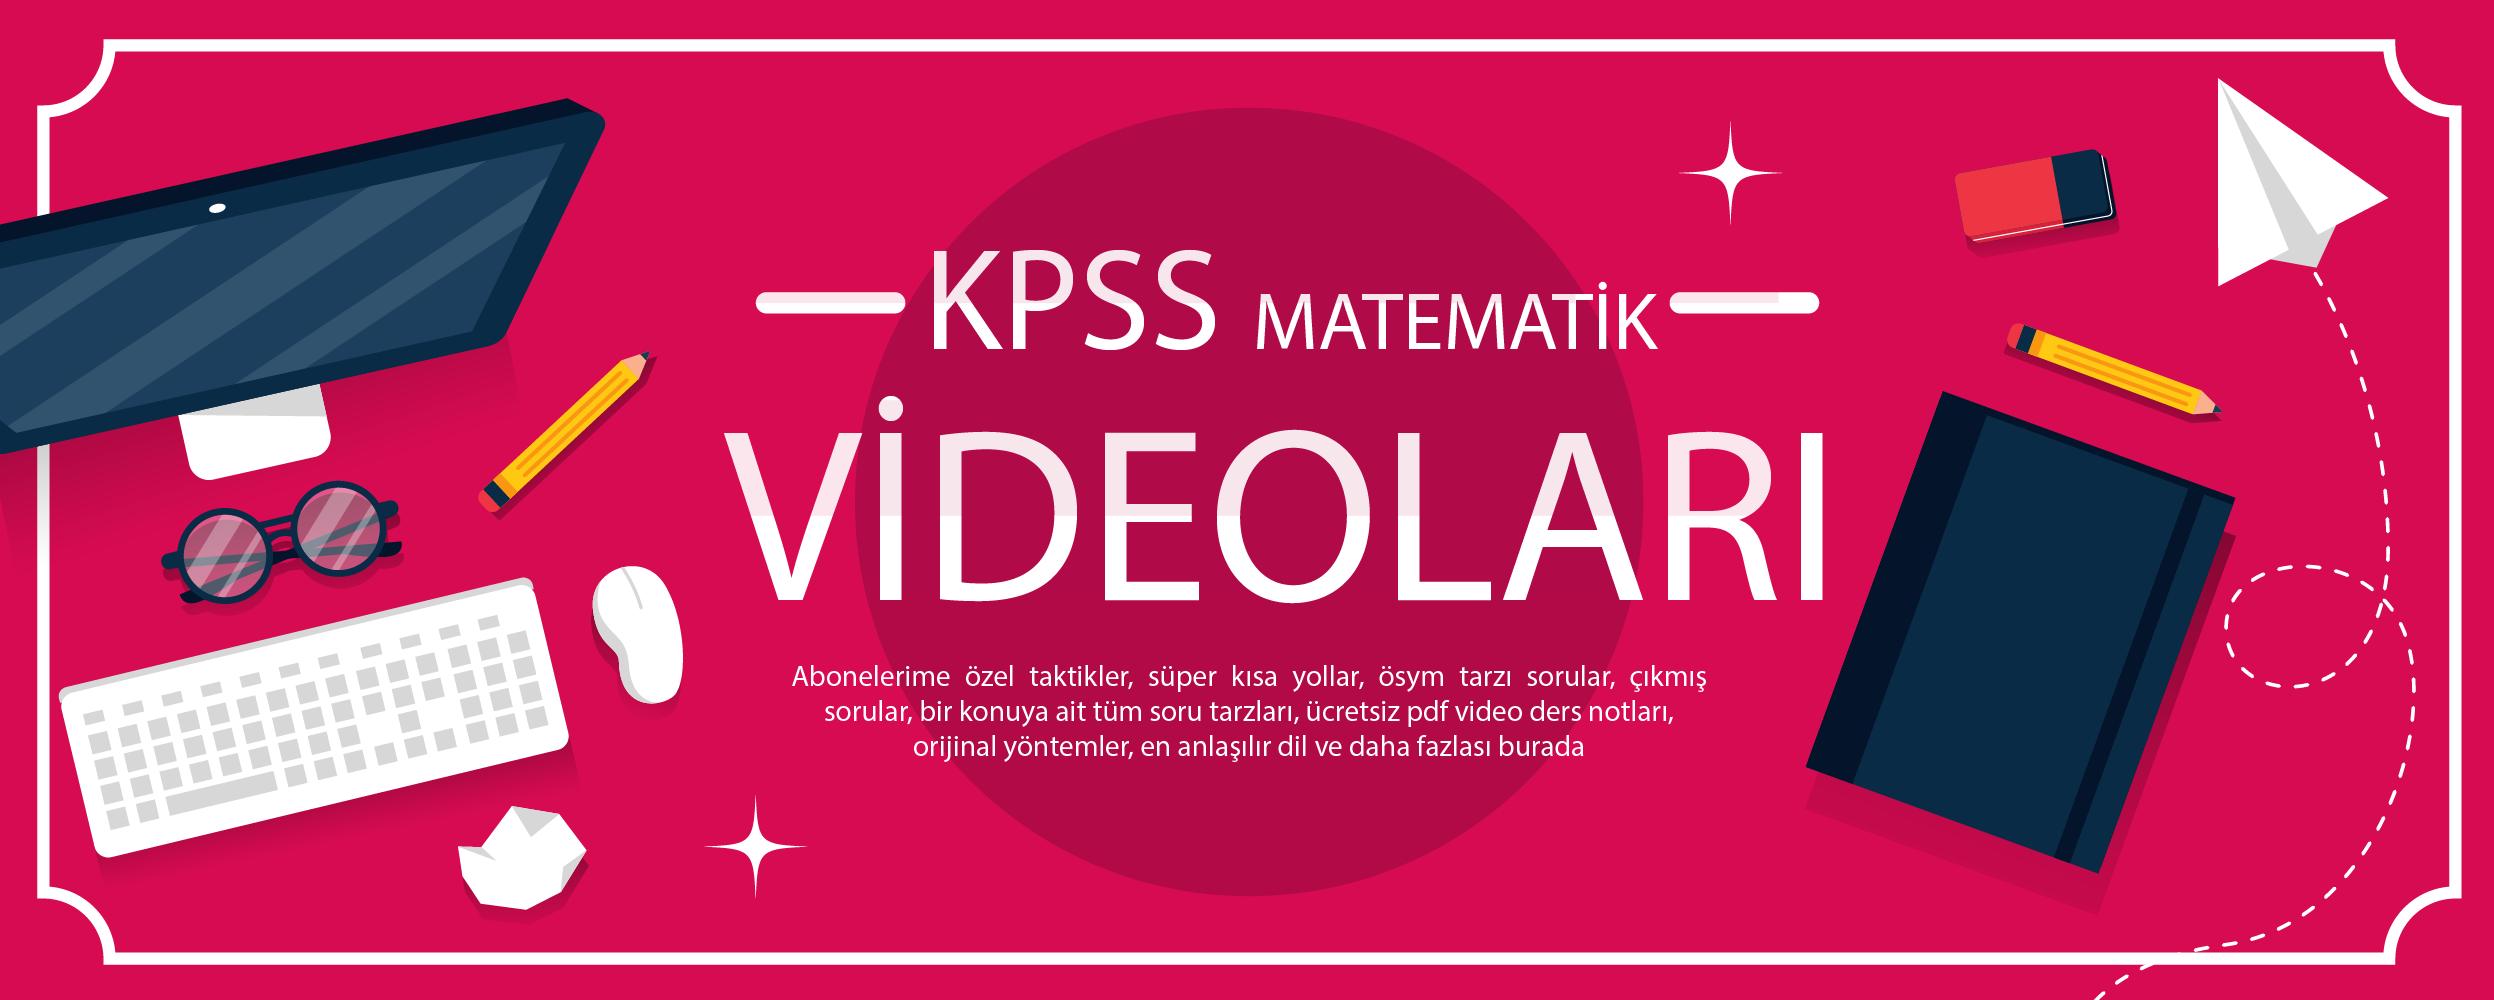 kpss matematik videoları konu anlatım soru çözüm